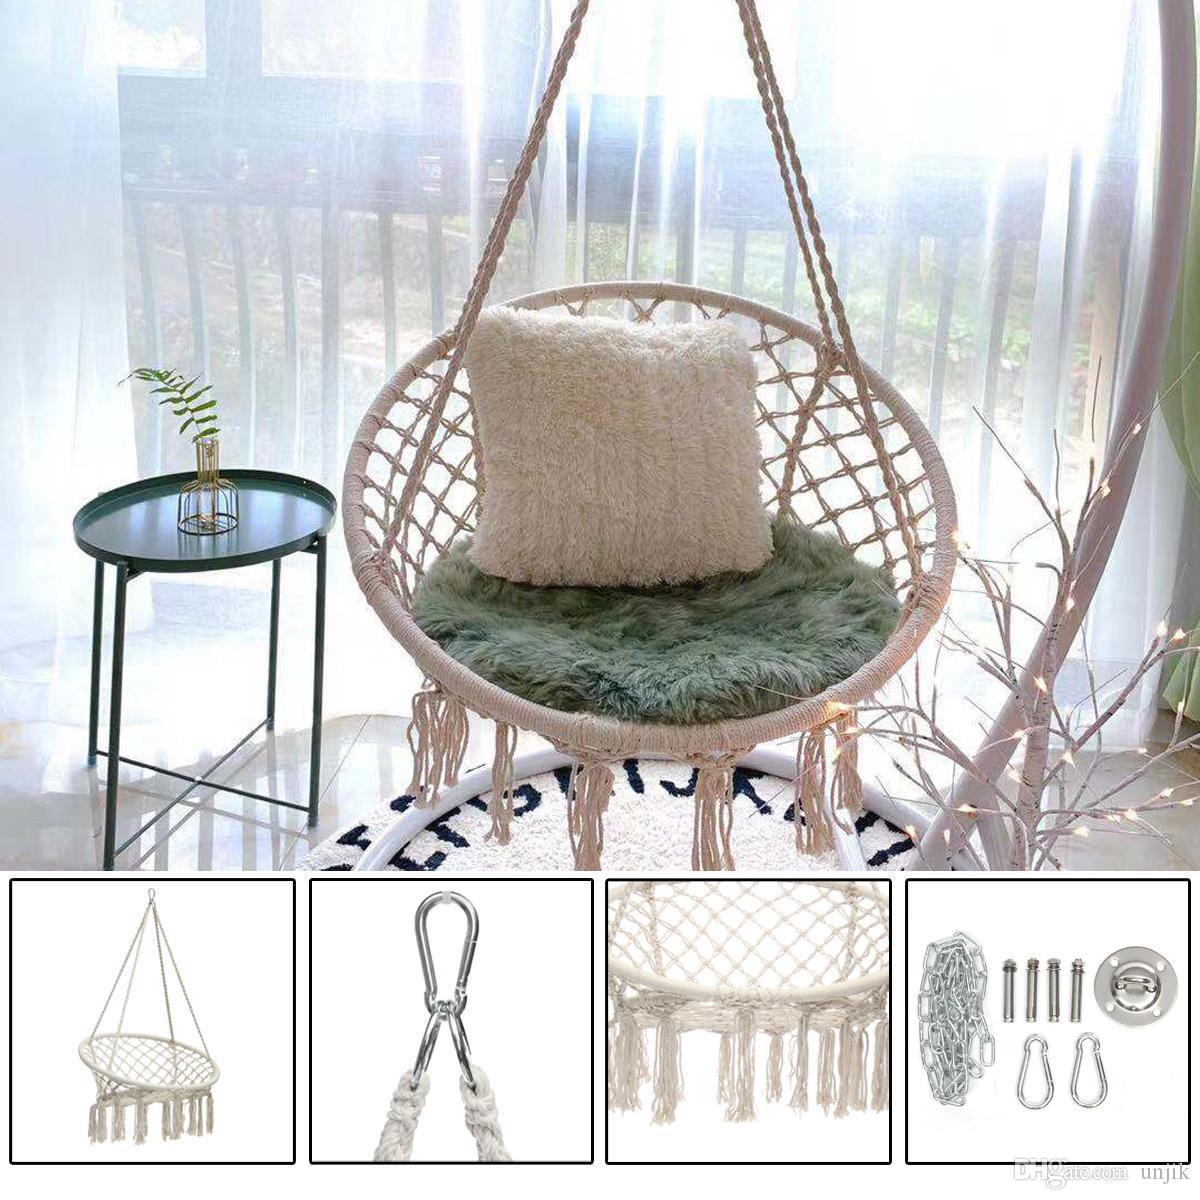 Fauteuil Suspendu D Exterieur acheter swing hamac ronde chaise dextérieur suspendu dortoir intérieur  chambre chaise suspendu pour la sécurité adulte enfant hamac avec des